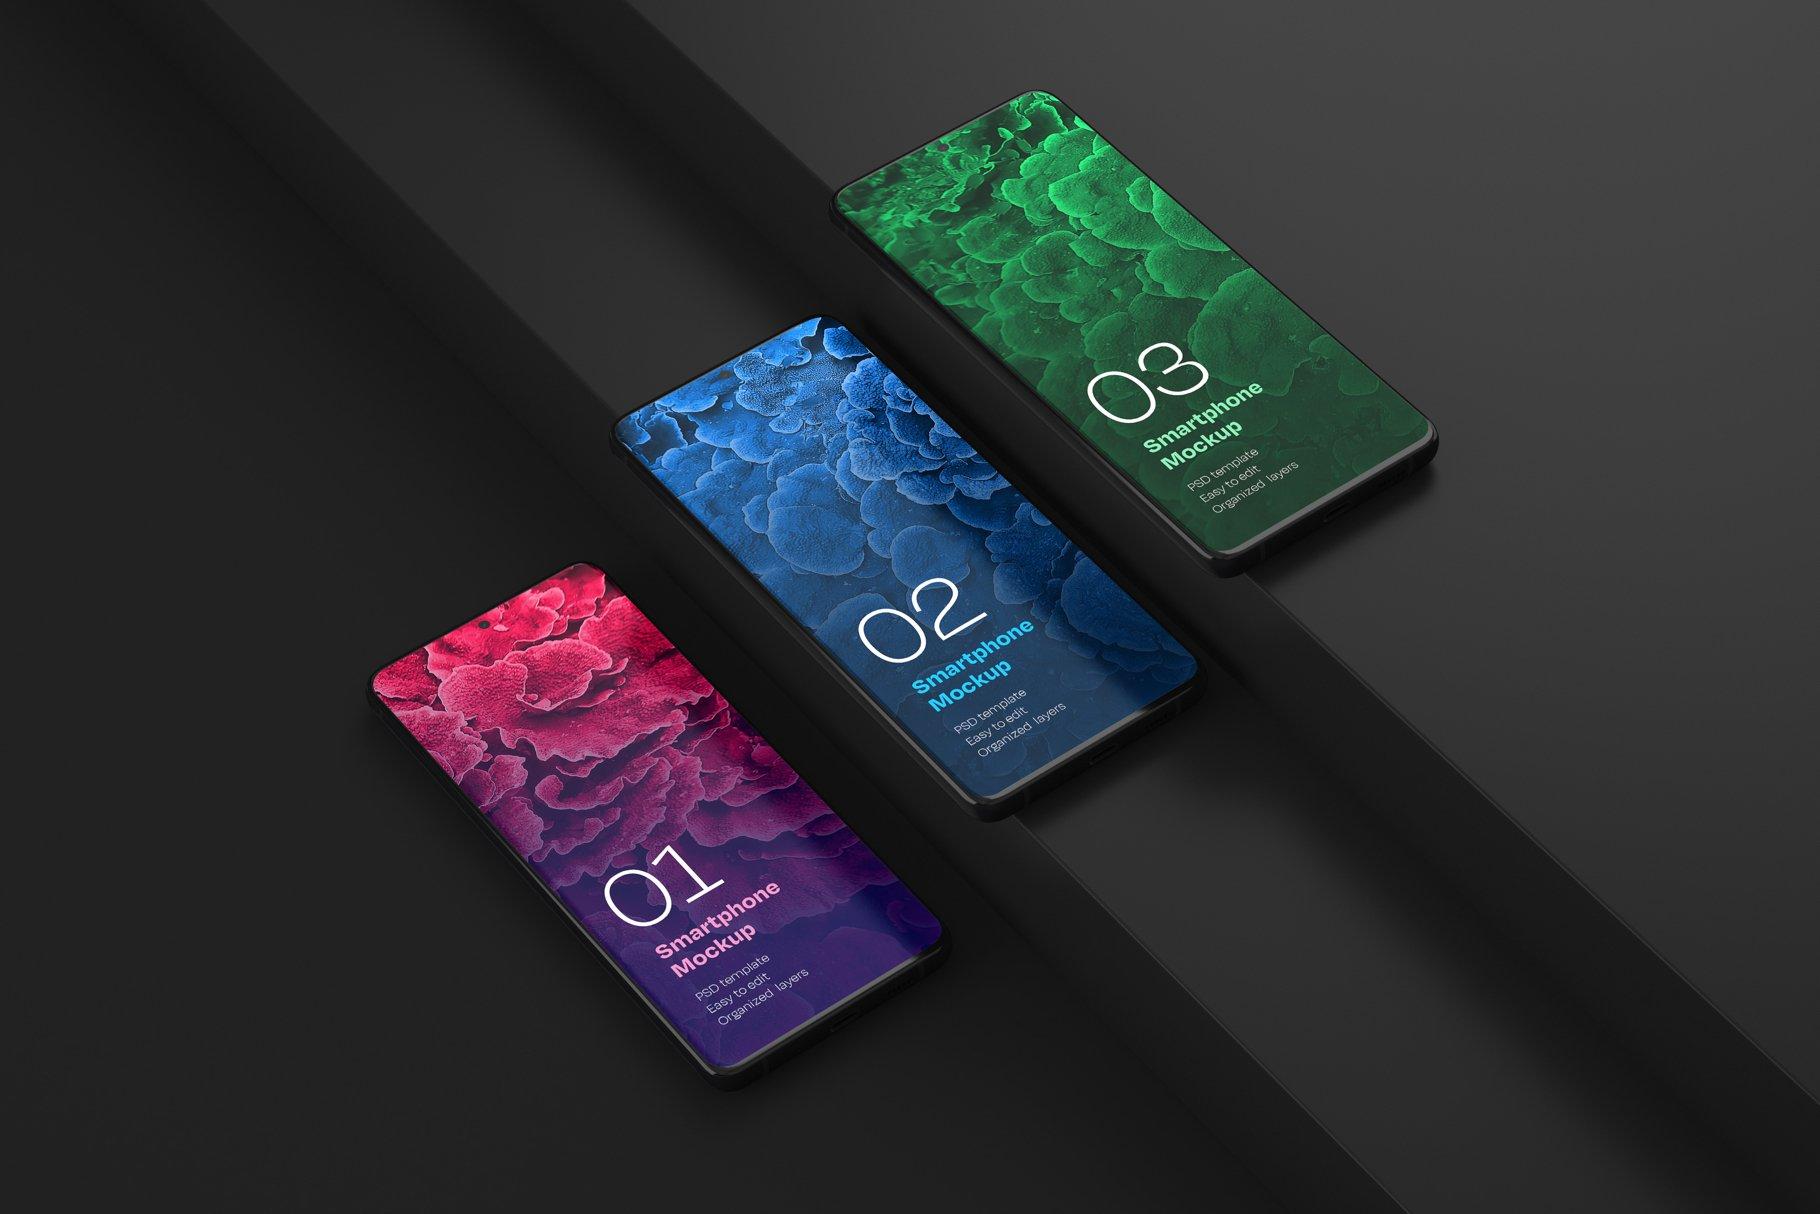 16款应用APP设计三星Galaxy S20手机屏幕演示样机 Galaxy S20 Ultra Device Mockup插图(3)